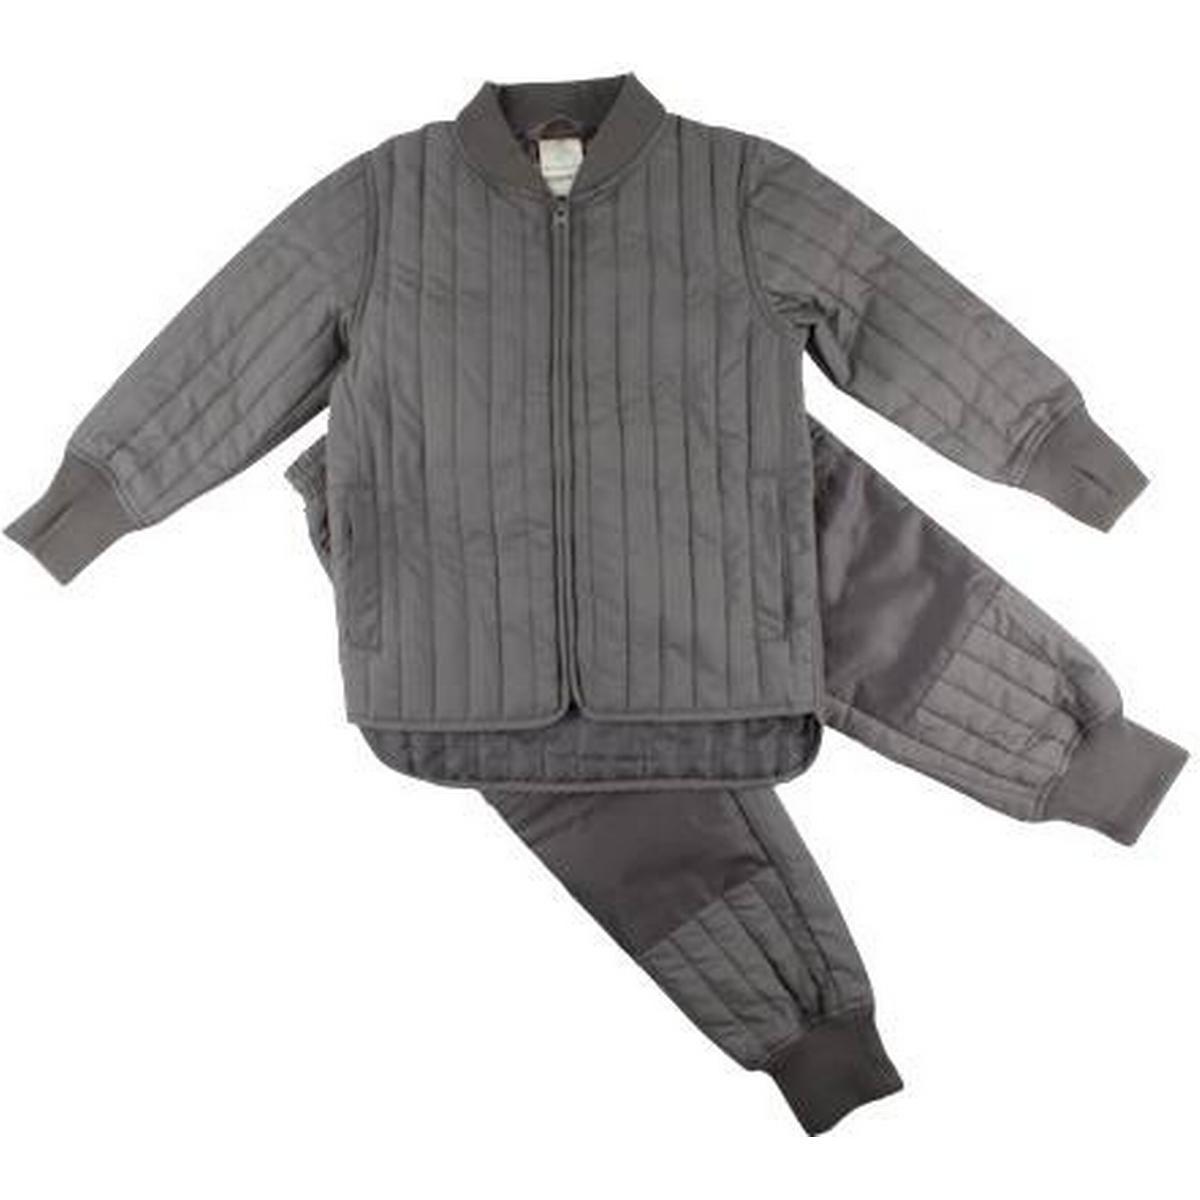 5c406276 Enfant Jakker Børnetøj - Sammenlign priser hos PriceRunner